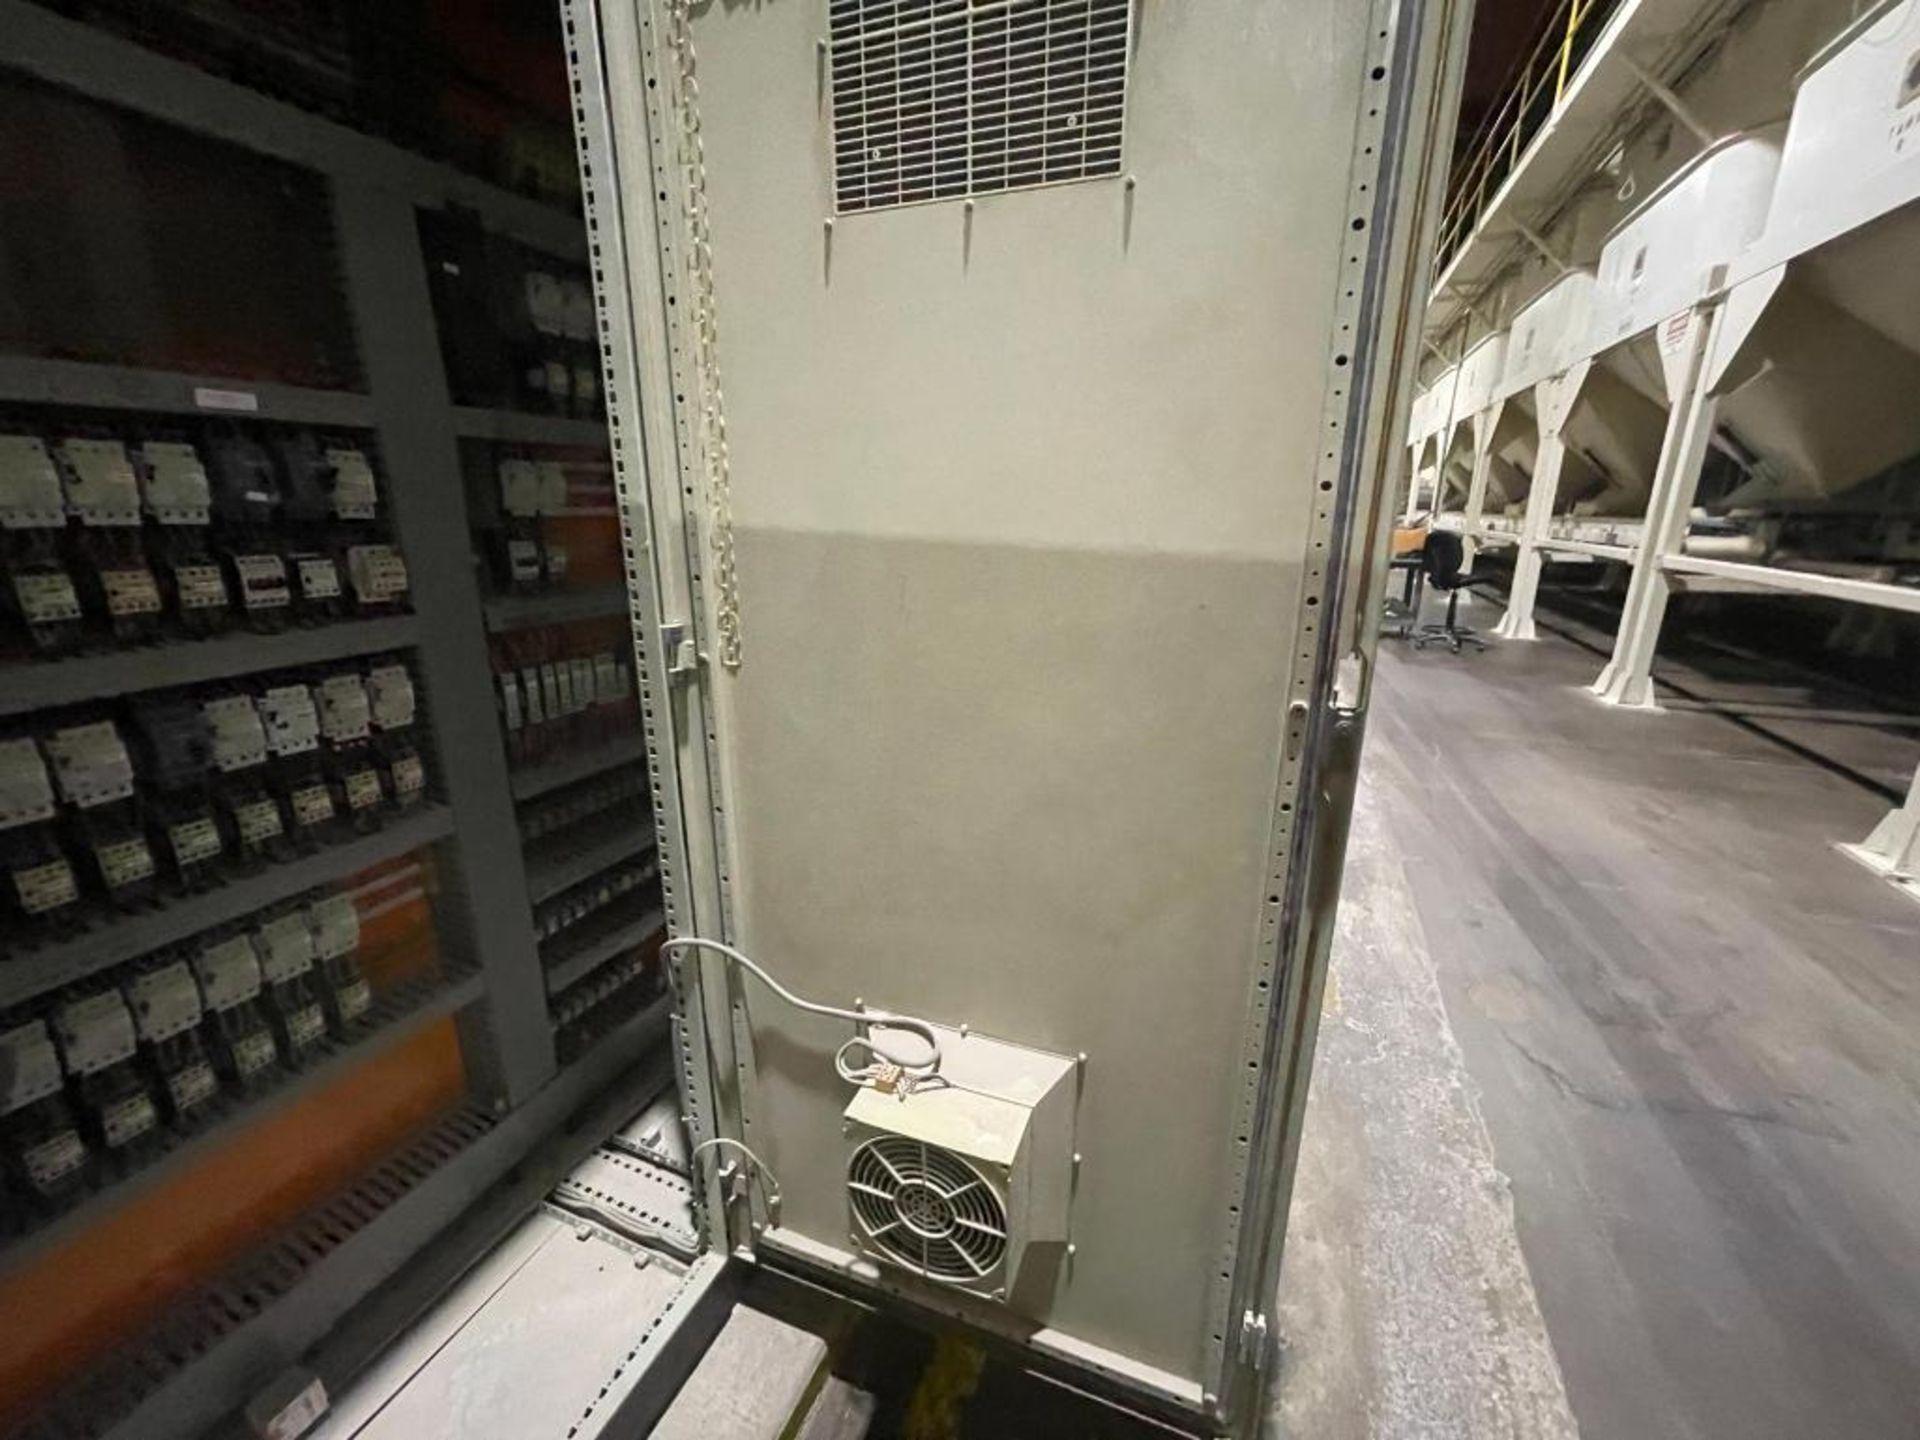 7-door mild steel air conditioned control cabinet, 5-VFD's - Image 34 of 43